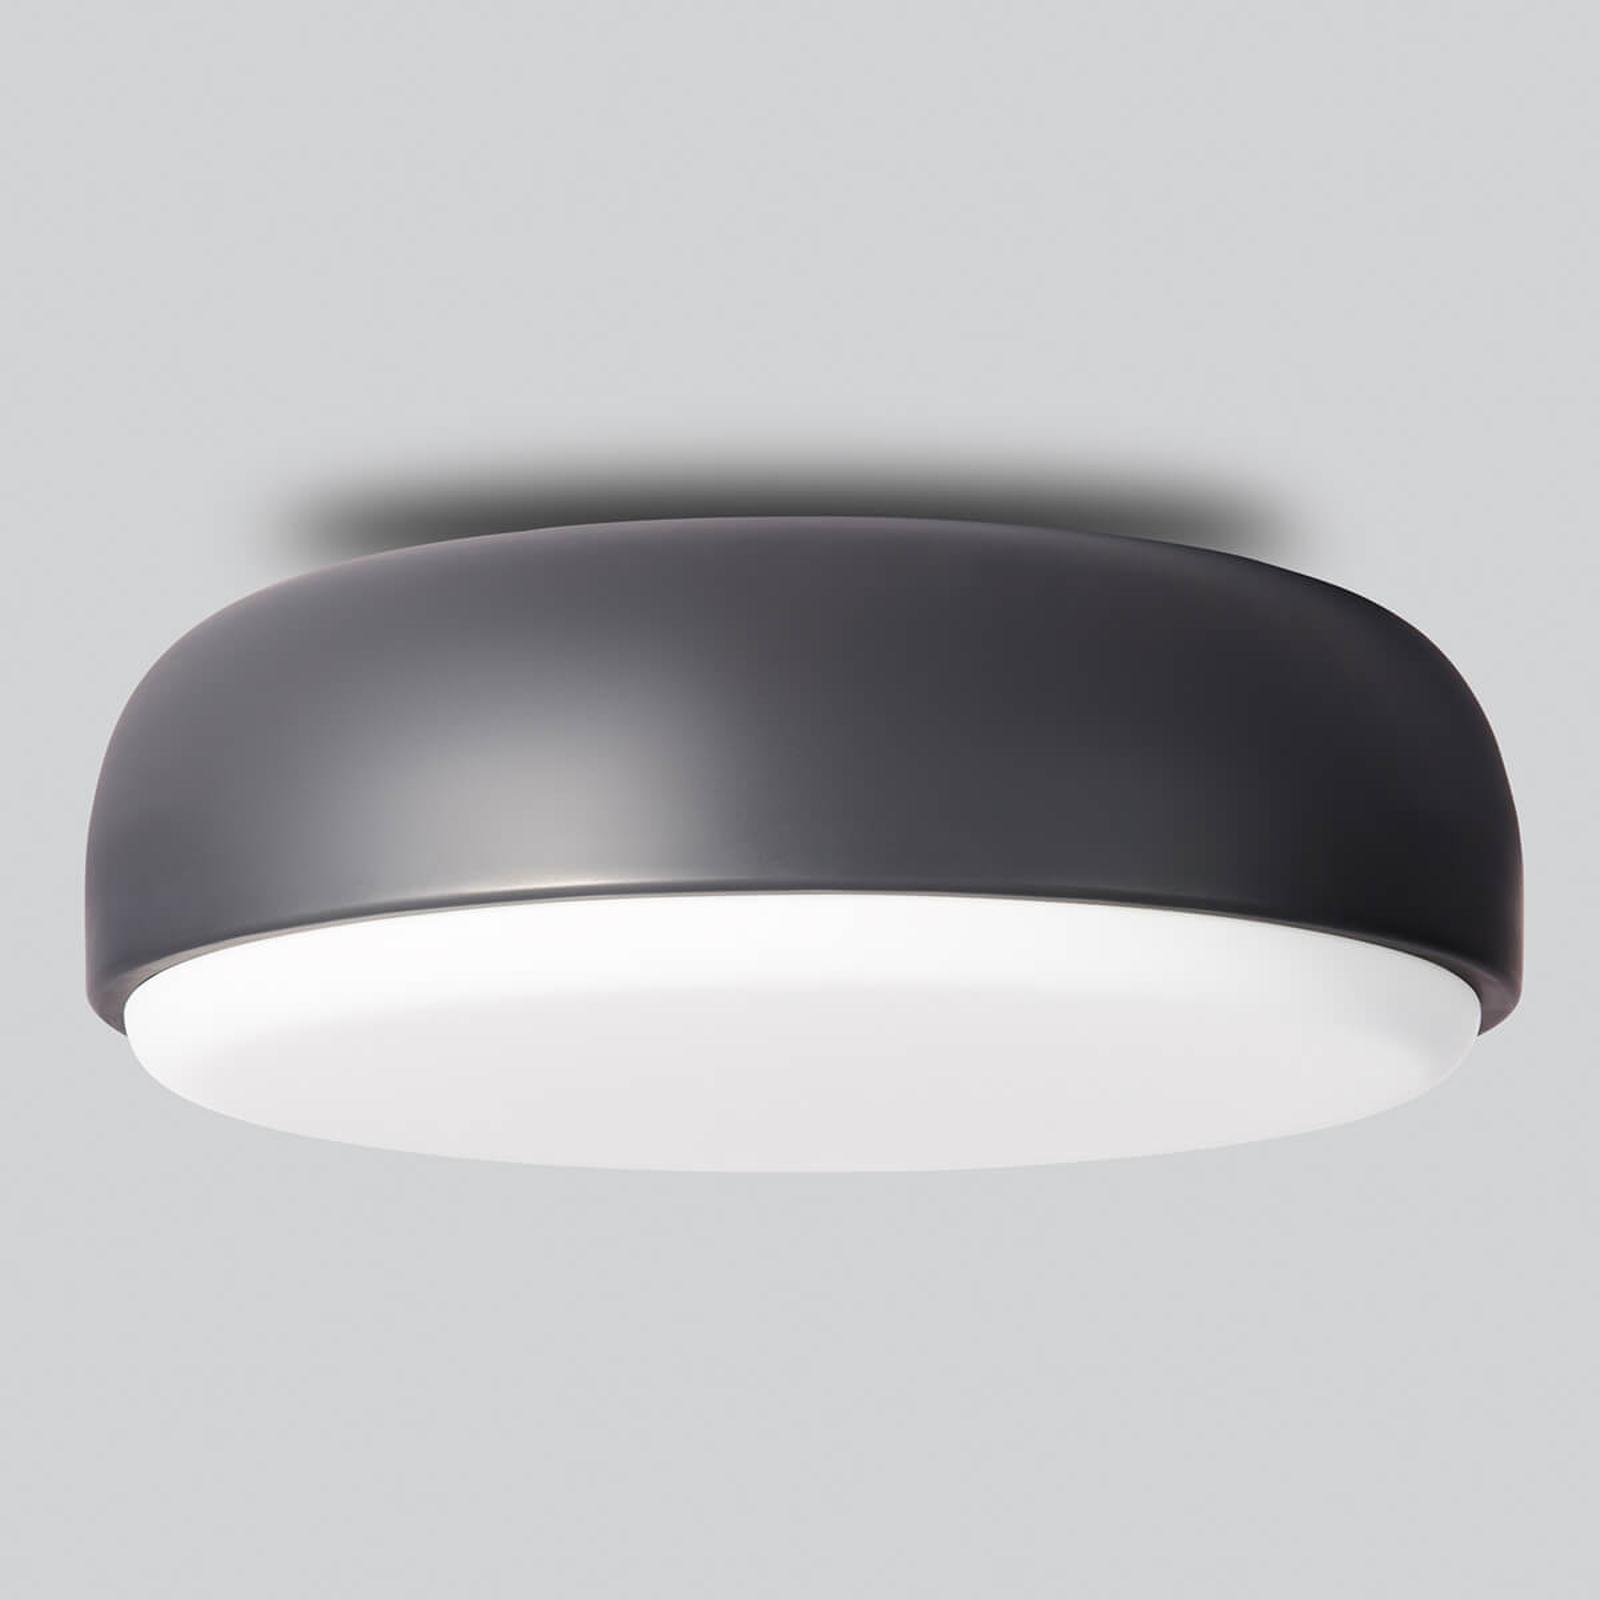 Ronde design plafondlamp Over Me, 40 cm